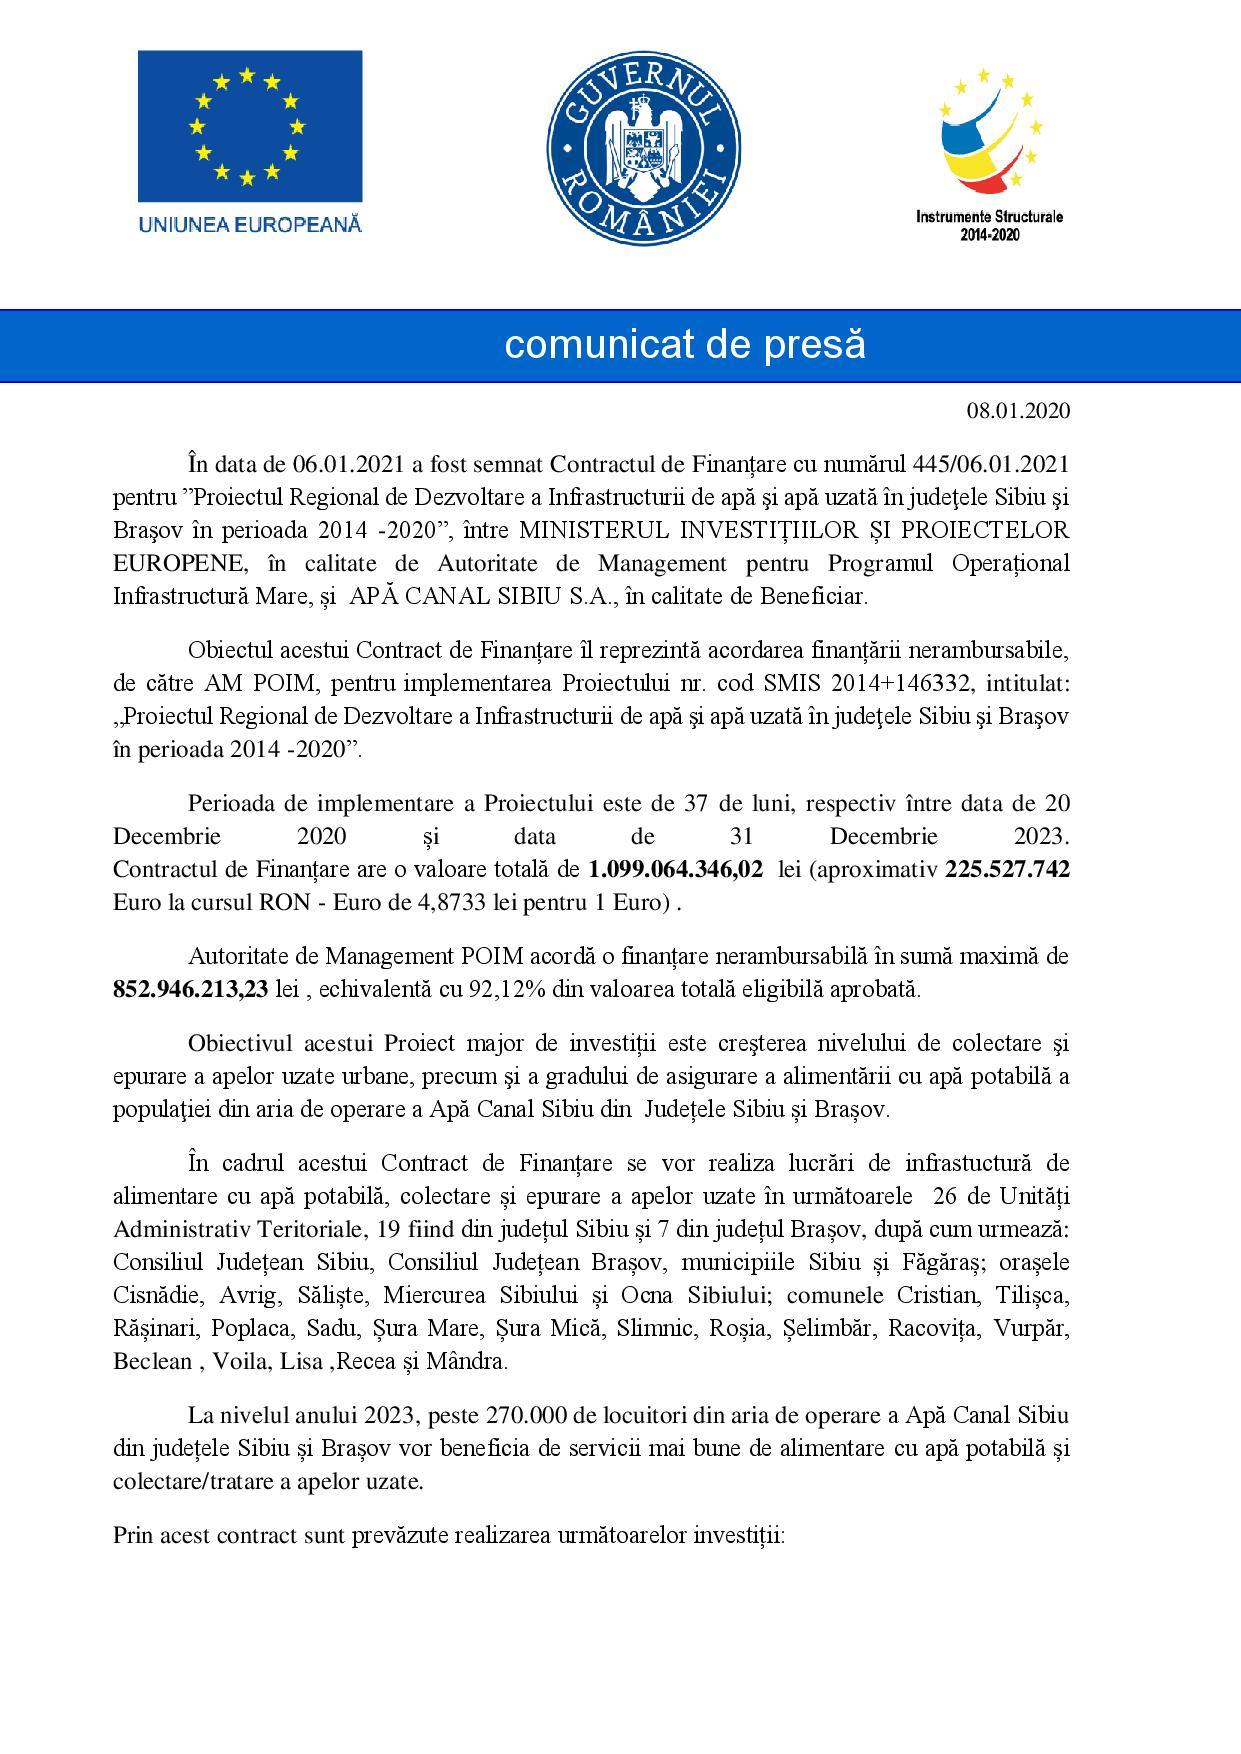 Comunicat de presă - semnare contract de finanțare POIM